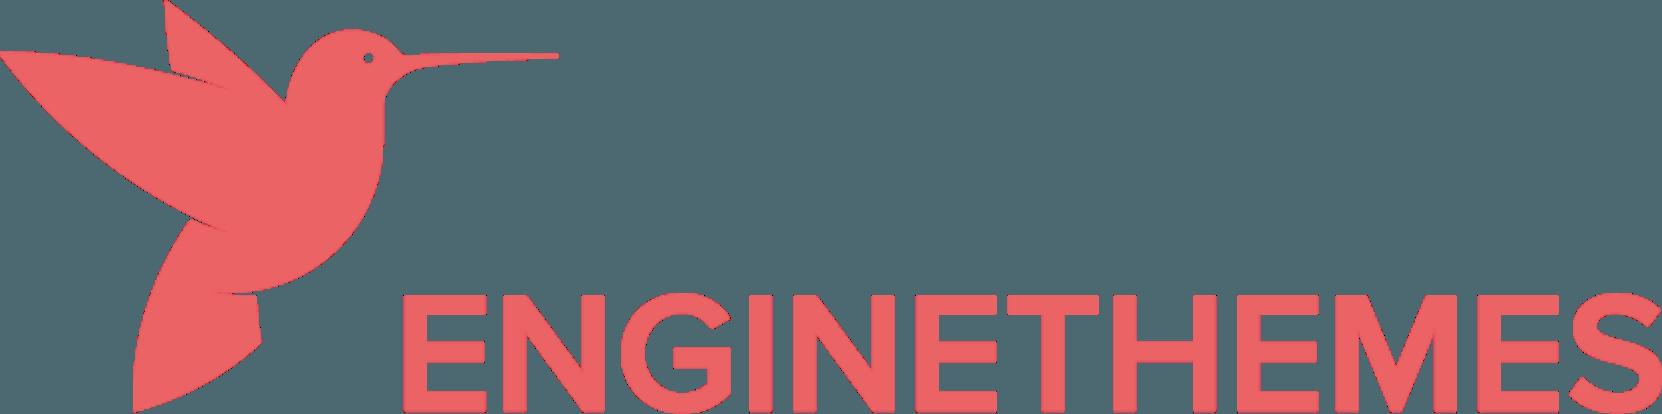 Codeable ambassador EngineThemes